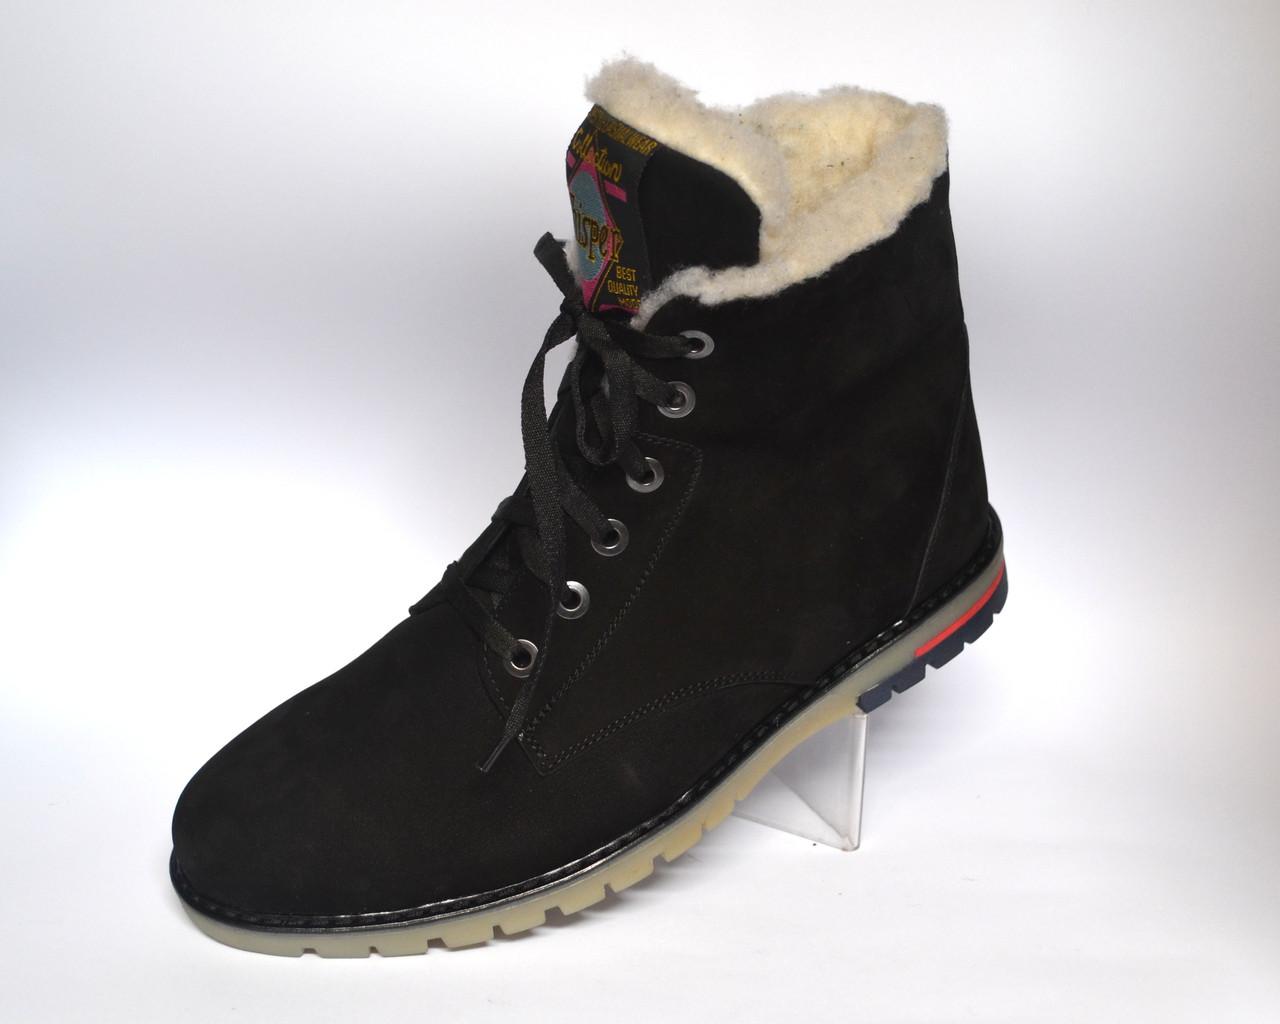 Шкіряні зимові чоловічі черевики нубук натуральні Rosso Avangard. Whisper Black Nub чорні